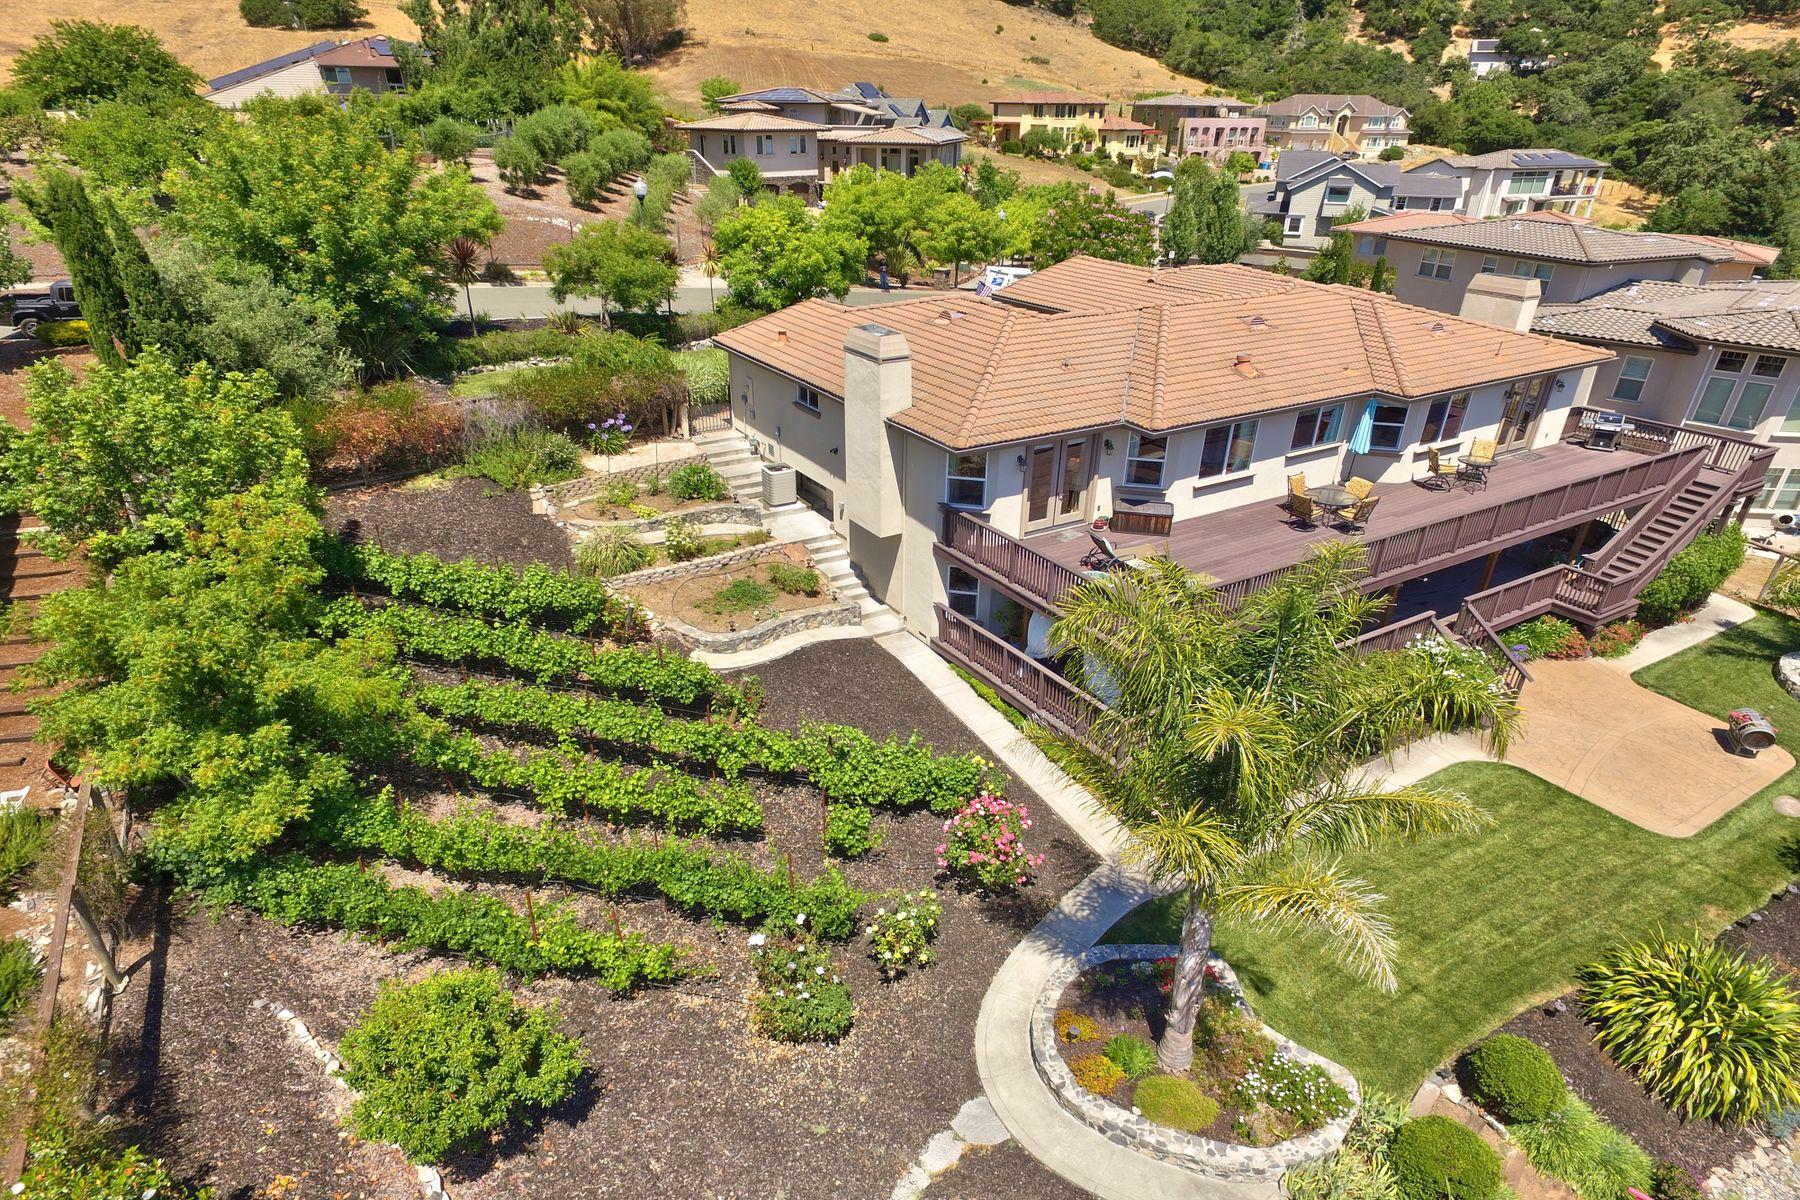 Single Family Homes for Sale at Fabulous Santa Rosa Views 5316 Stow Cir Santa Rosa, California 95409 United States